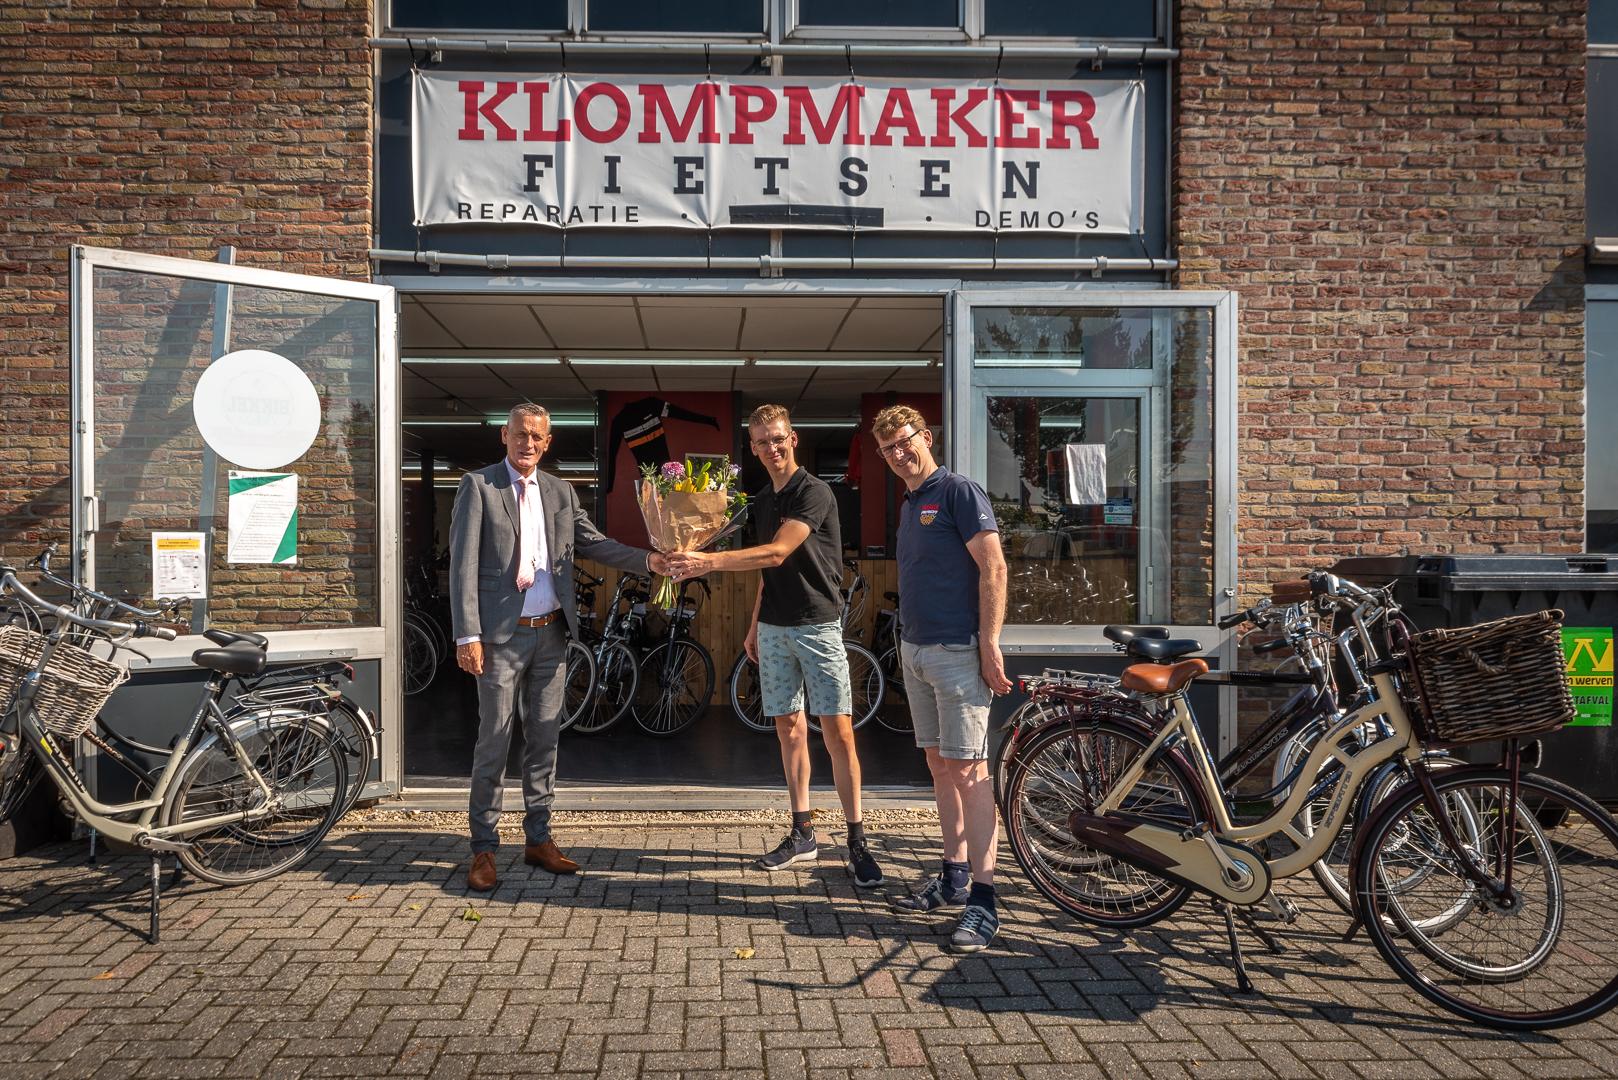 Klompmaker Fietsen nieuwe bordsponsor - Elburger SC